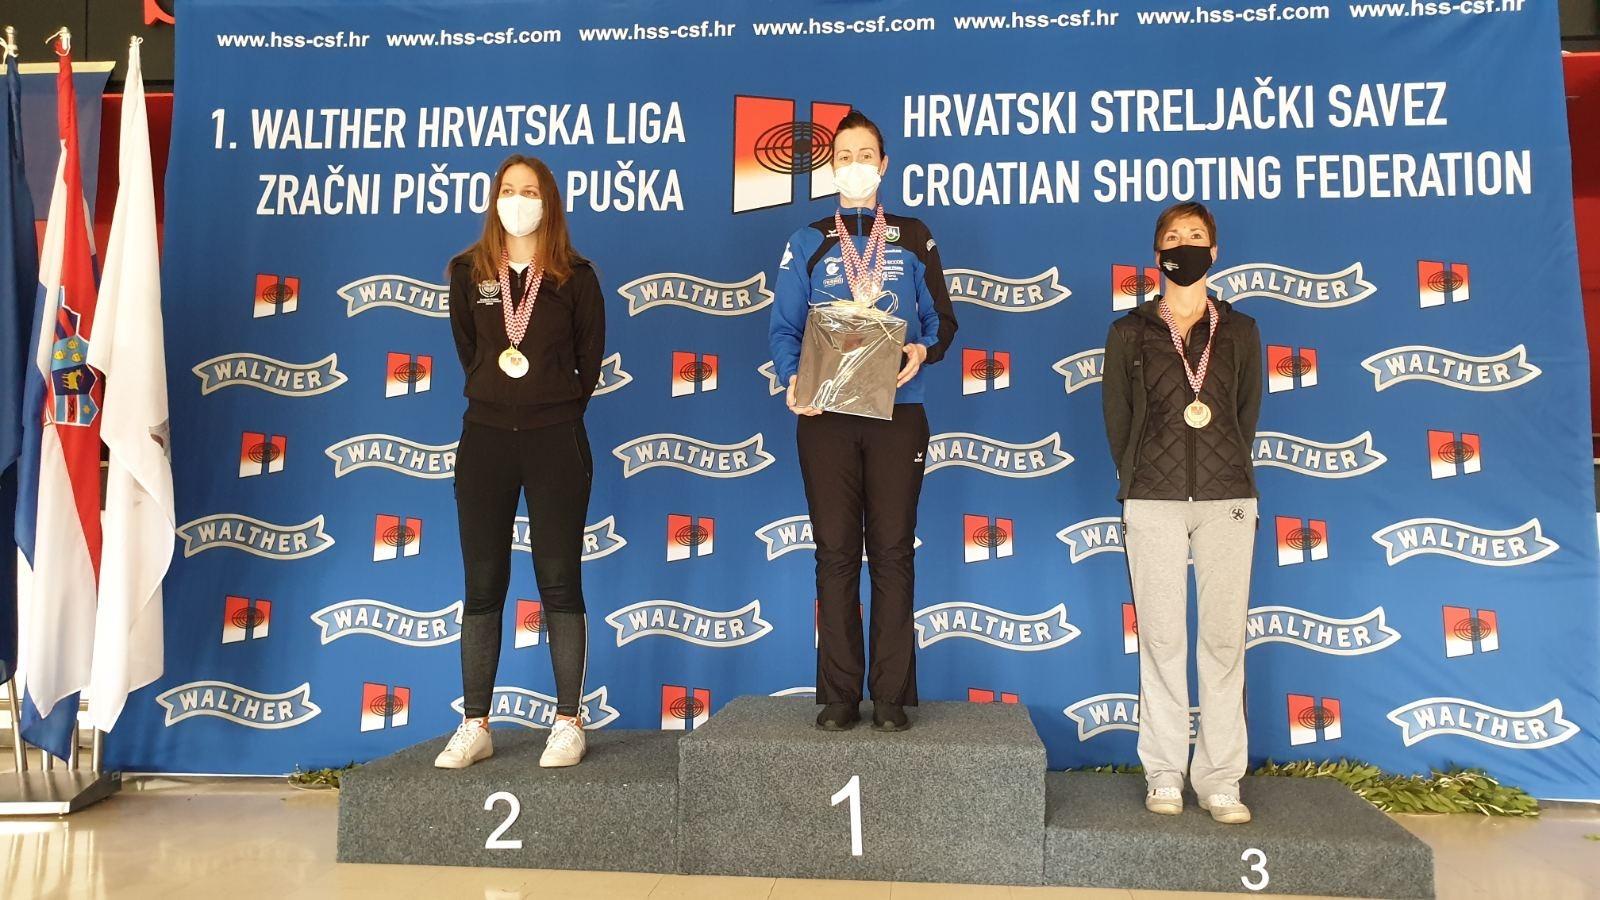 Pročitajte više o članku Zlatka Hlebec brončana na prvenstvu Hrvatske! Bravo Zlatka!